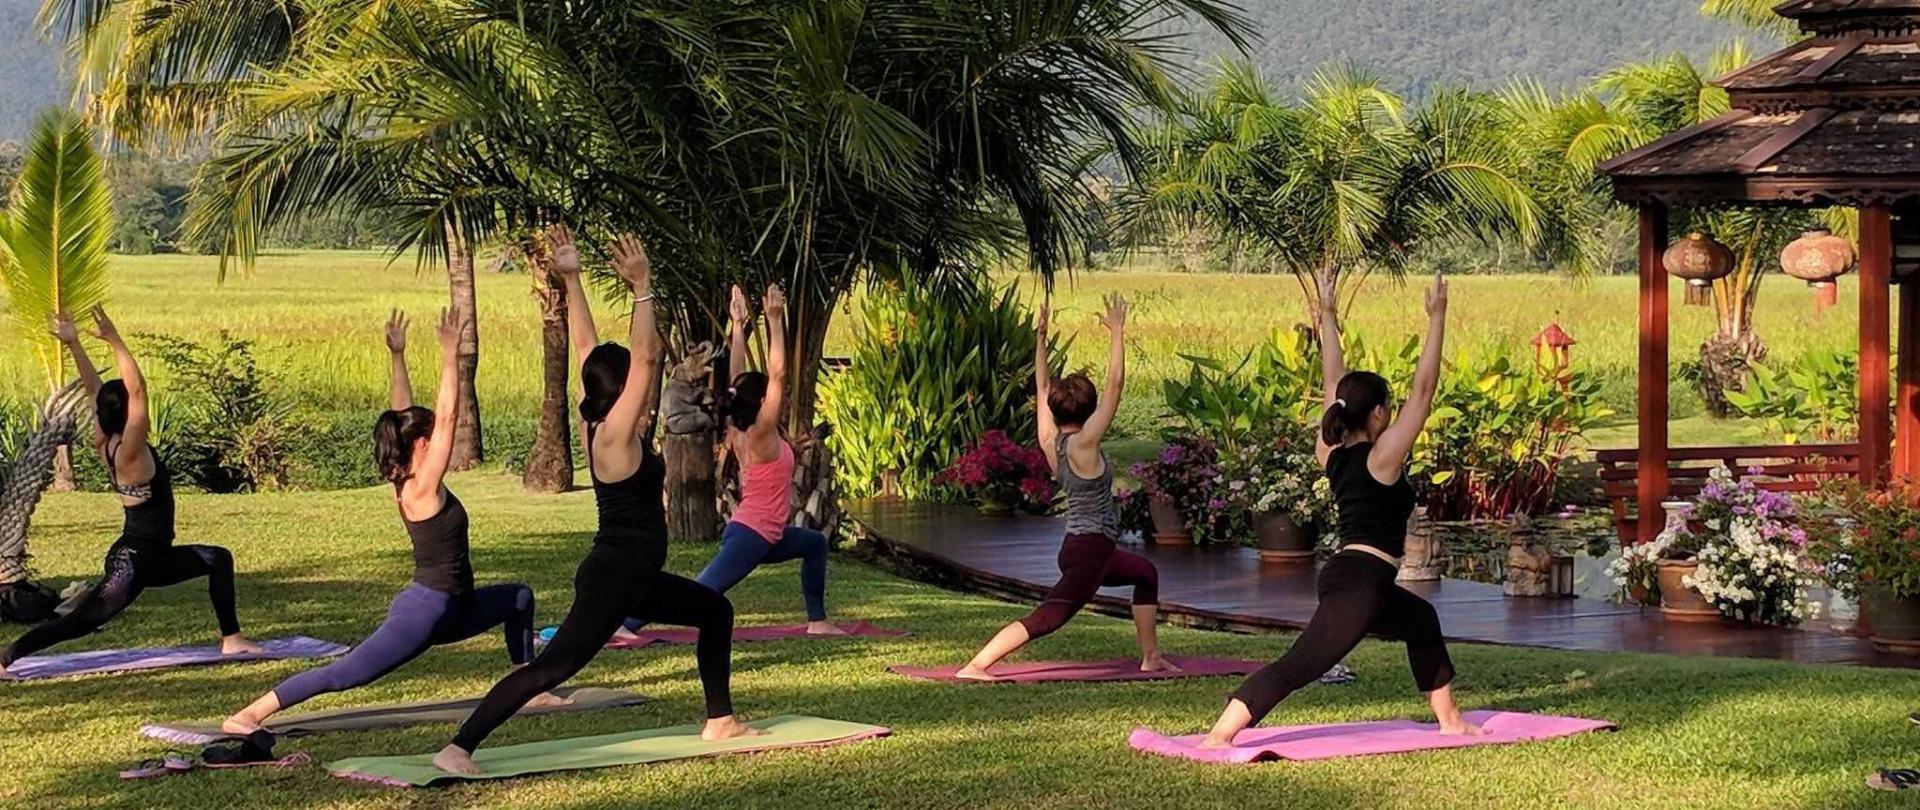 yoga-on-the-lawn.jpg